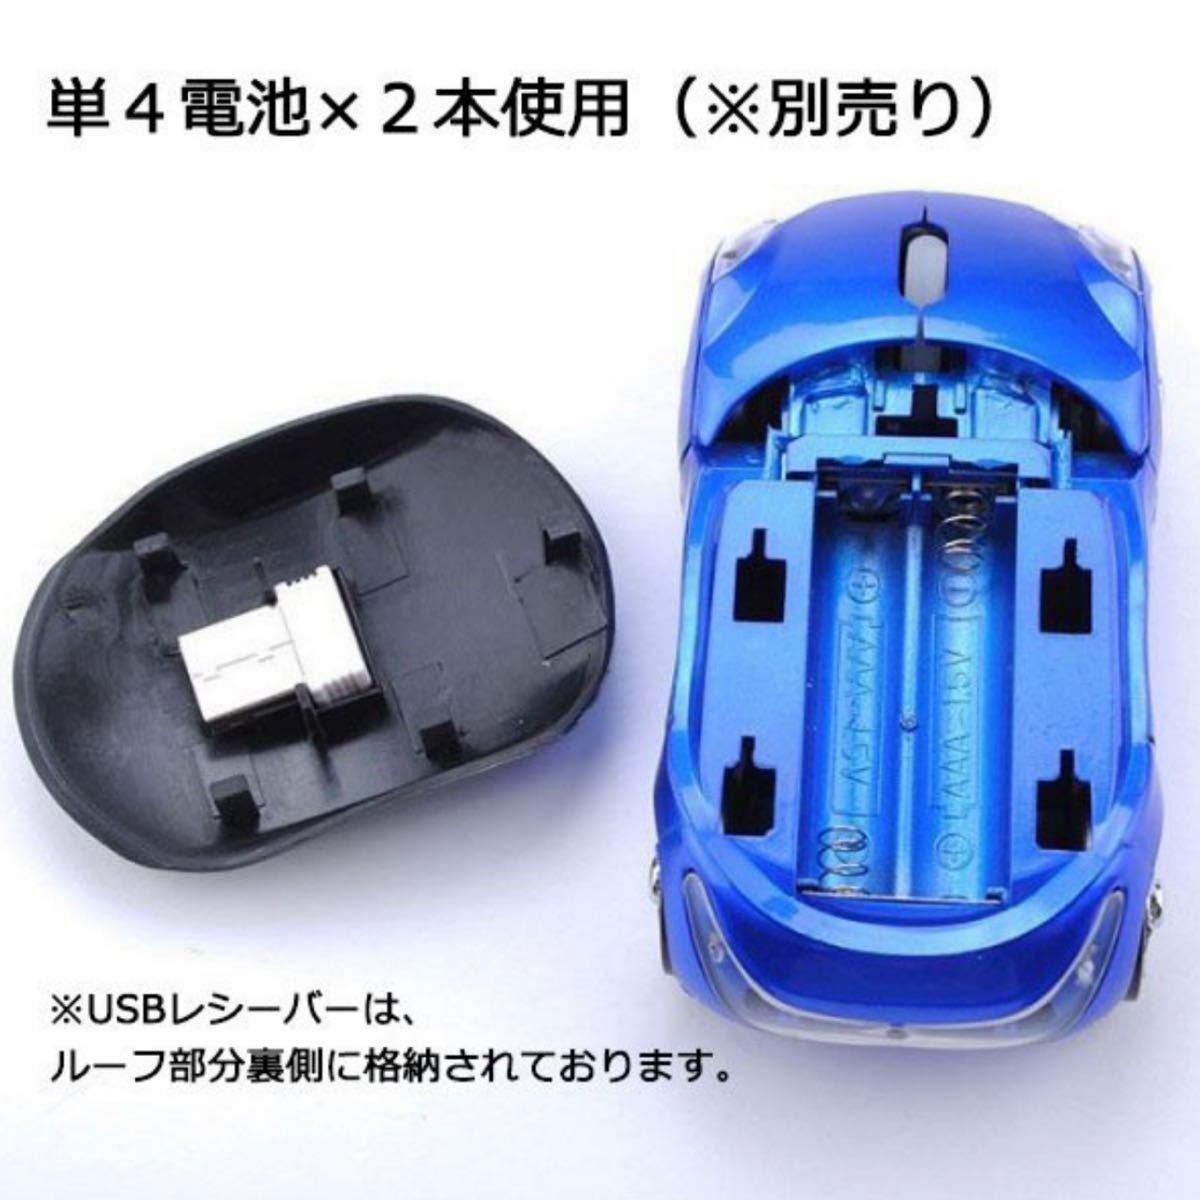 マウス 無線 おしゃれ フェラーリ風 USB  軽量 ワイヤレスマウス パソコン PC 周辺機器 R1177-JH